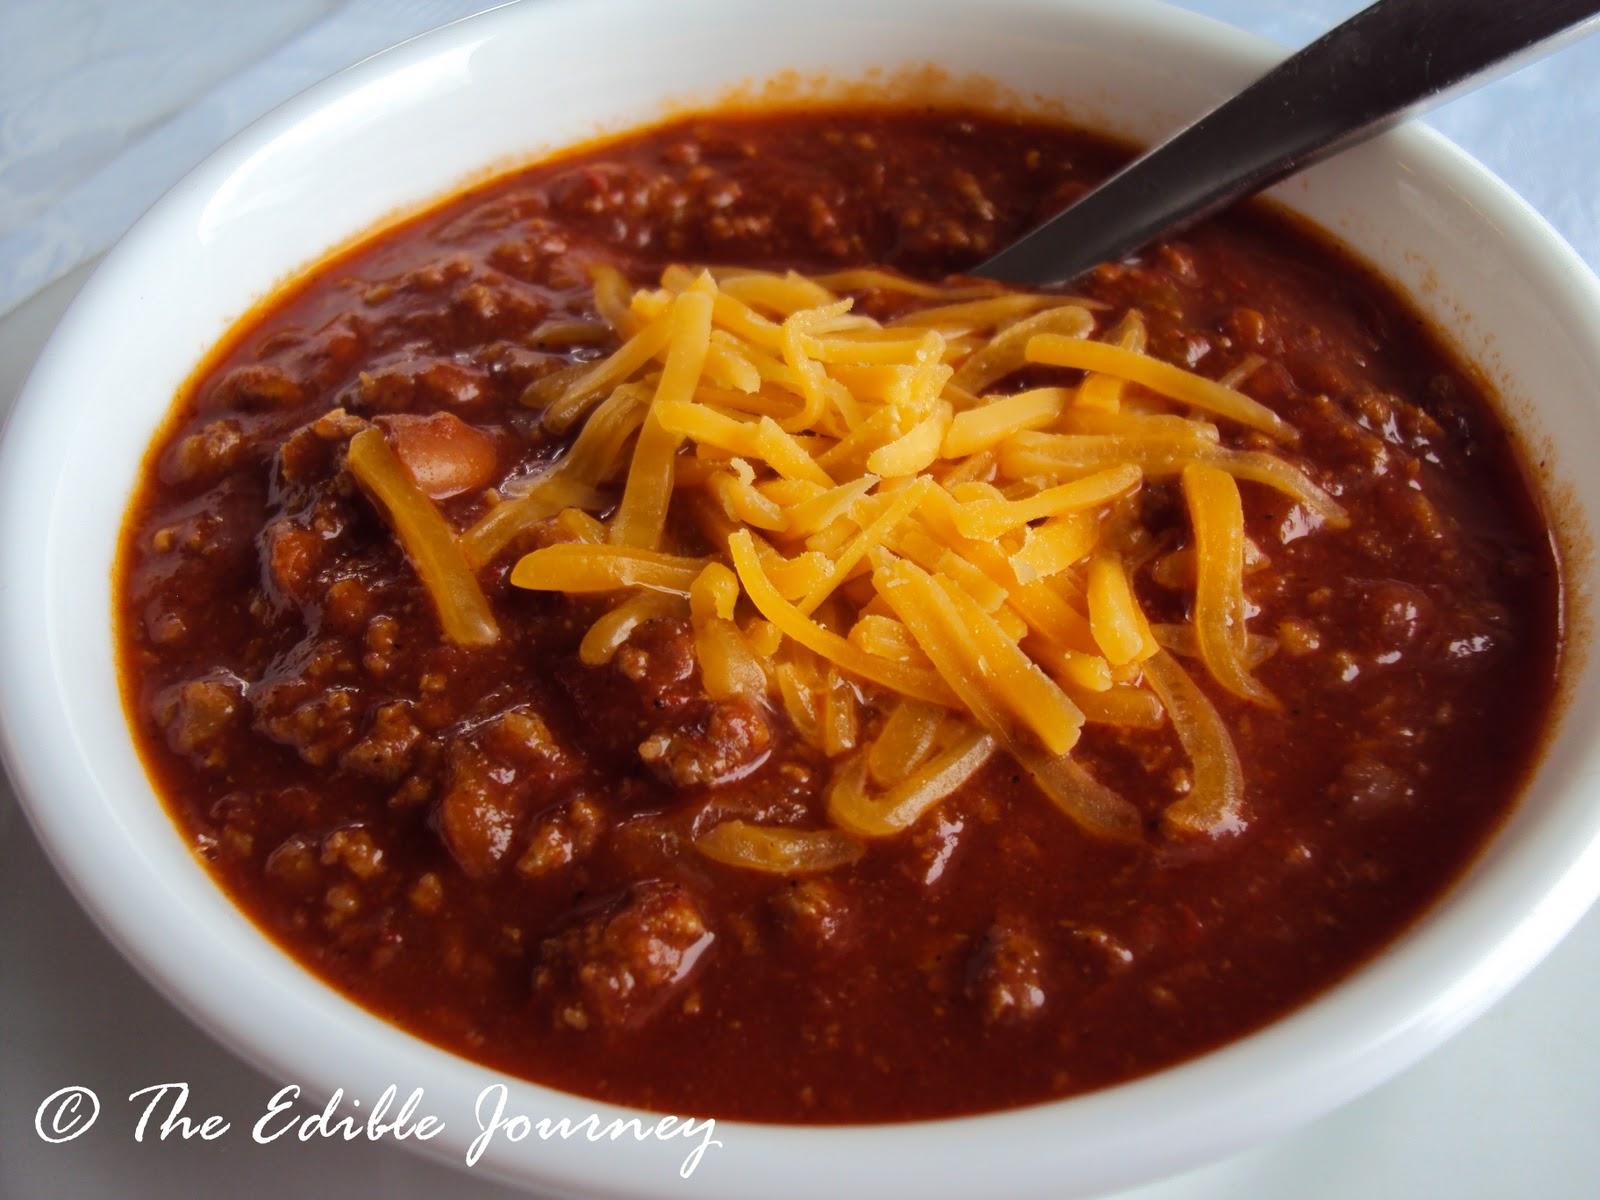 Americas Test Kitchen Ground Beef Chili